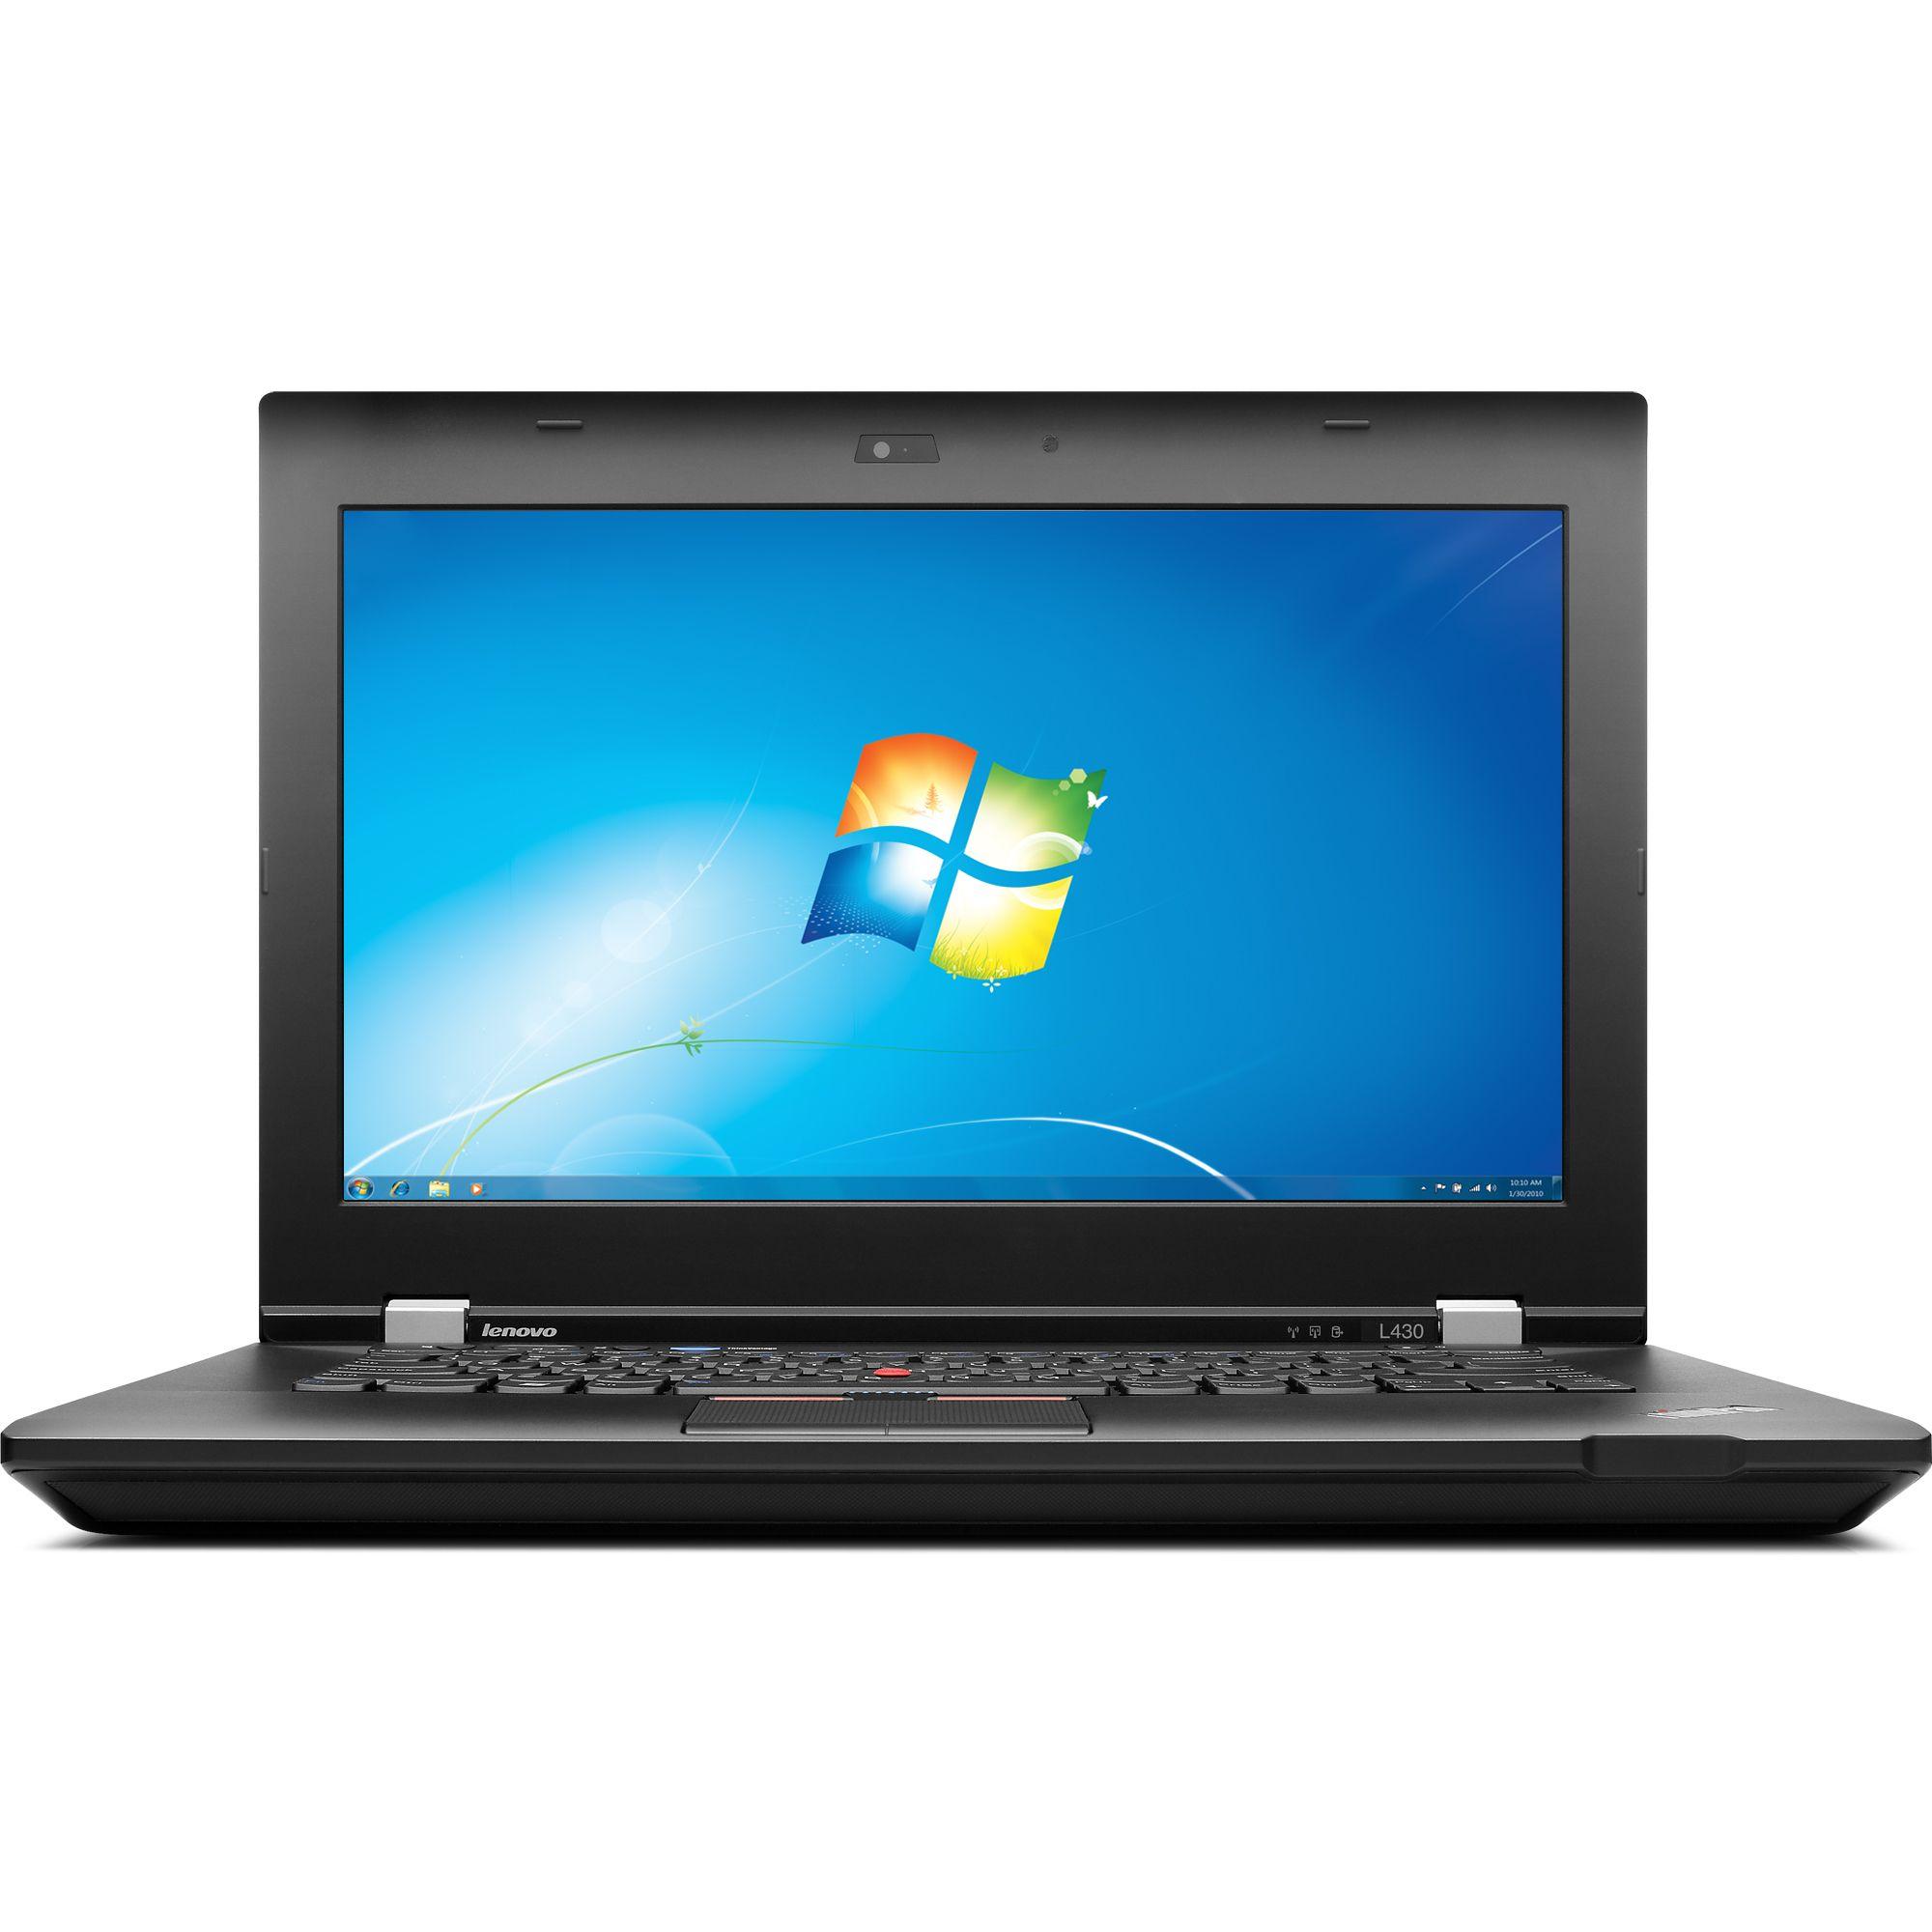 Laptop Lenovo ThinkPad L430, Intel Core i5-3210M 2.50GHz, 8GB DDR3, 120GB SSD, DVD-RW, 14 Inch, Webcam, Grad A-